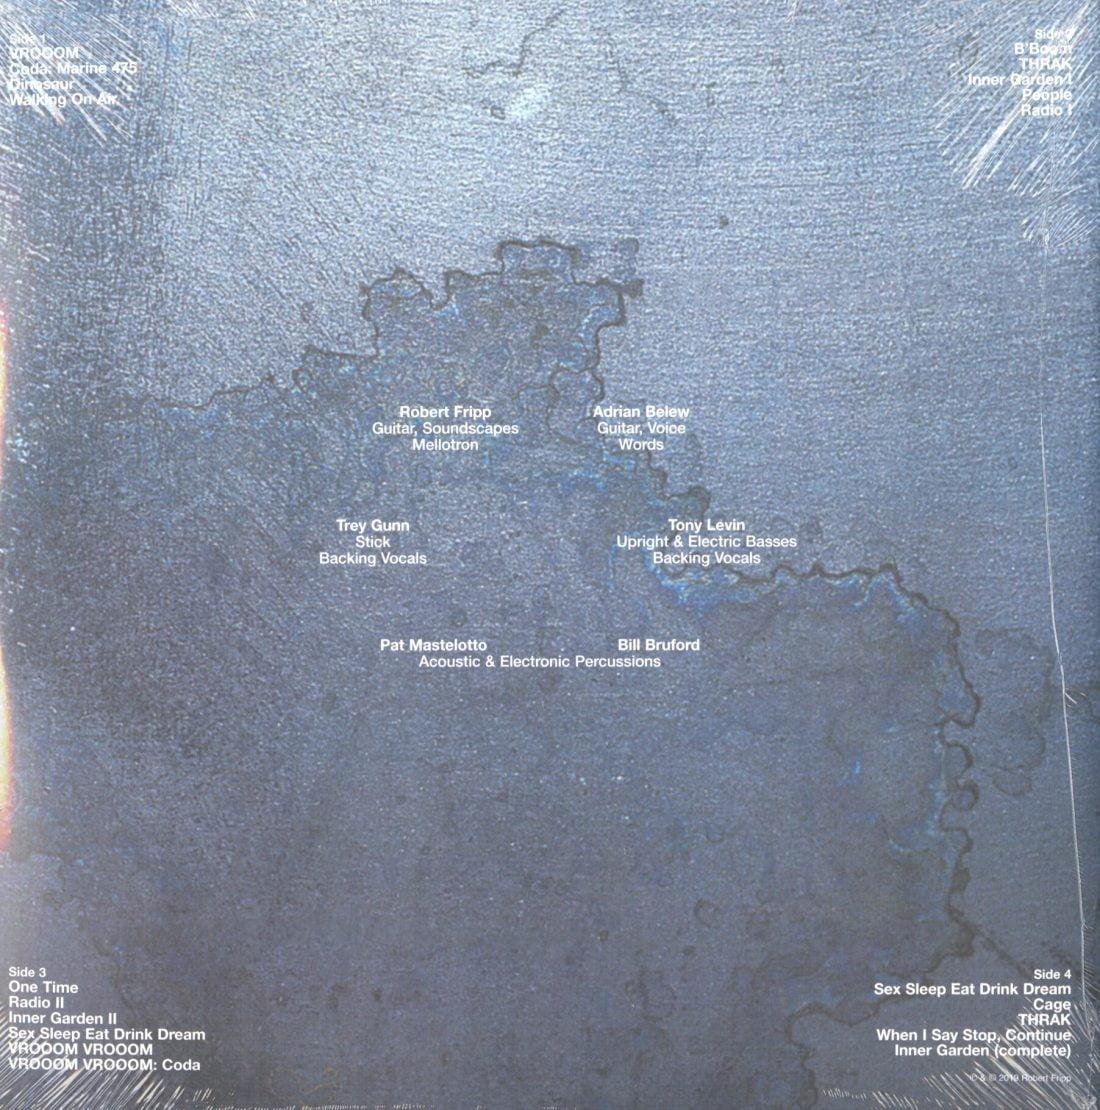 King Crimson - Thrak - 200 Gram, Double Vinyl, w Vroom, Panegyric, 2019